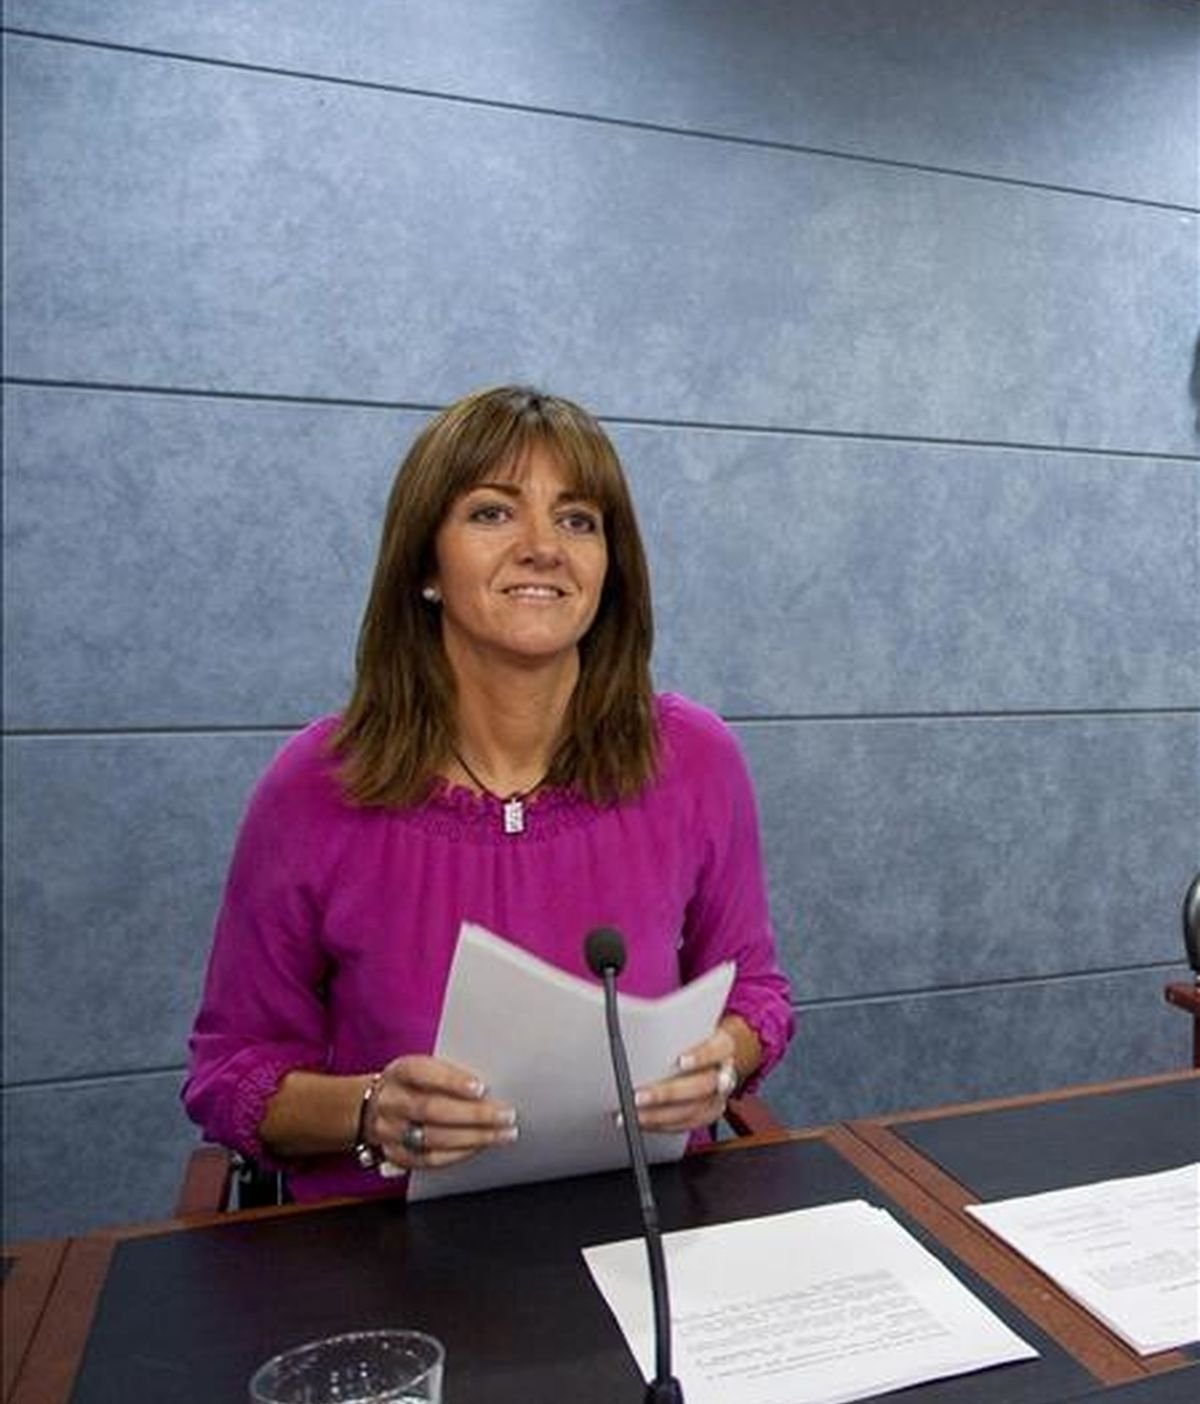 La a portavoz del Gobierno Vasco, Idoia Mendia. EFE/Archivo